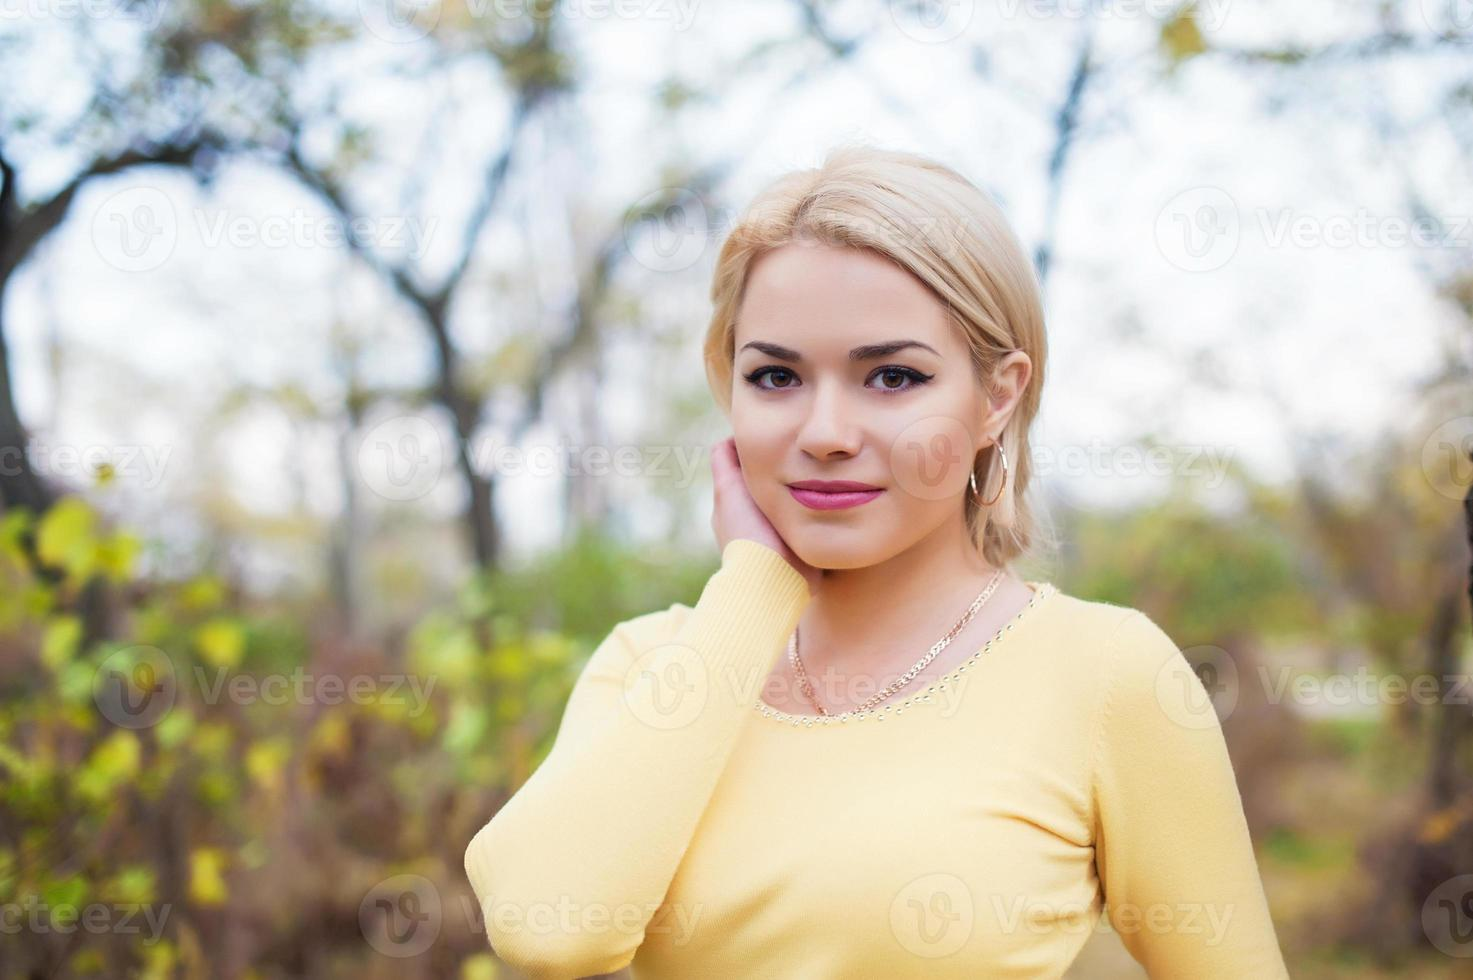 close-up retrato sorrindo lindo modelo feminino ao ar livre foto